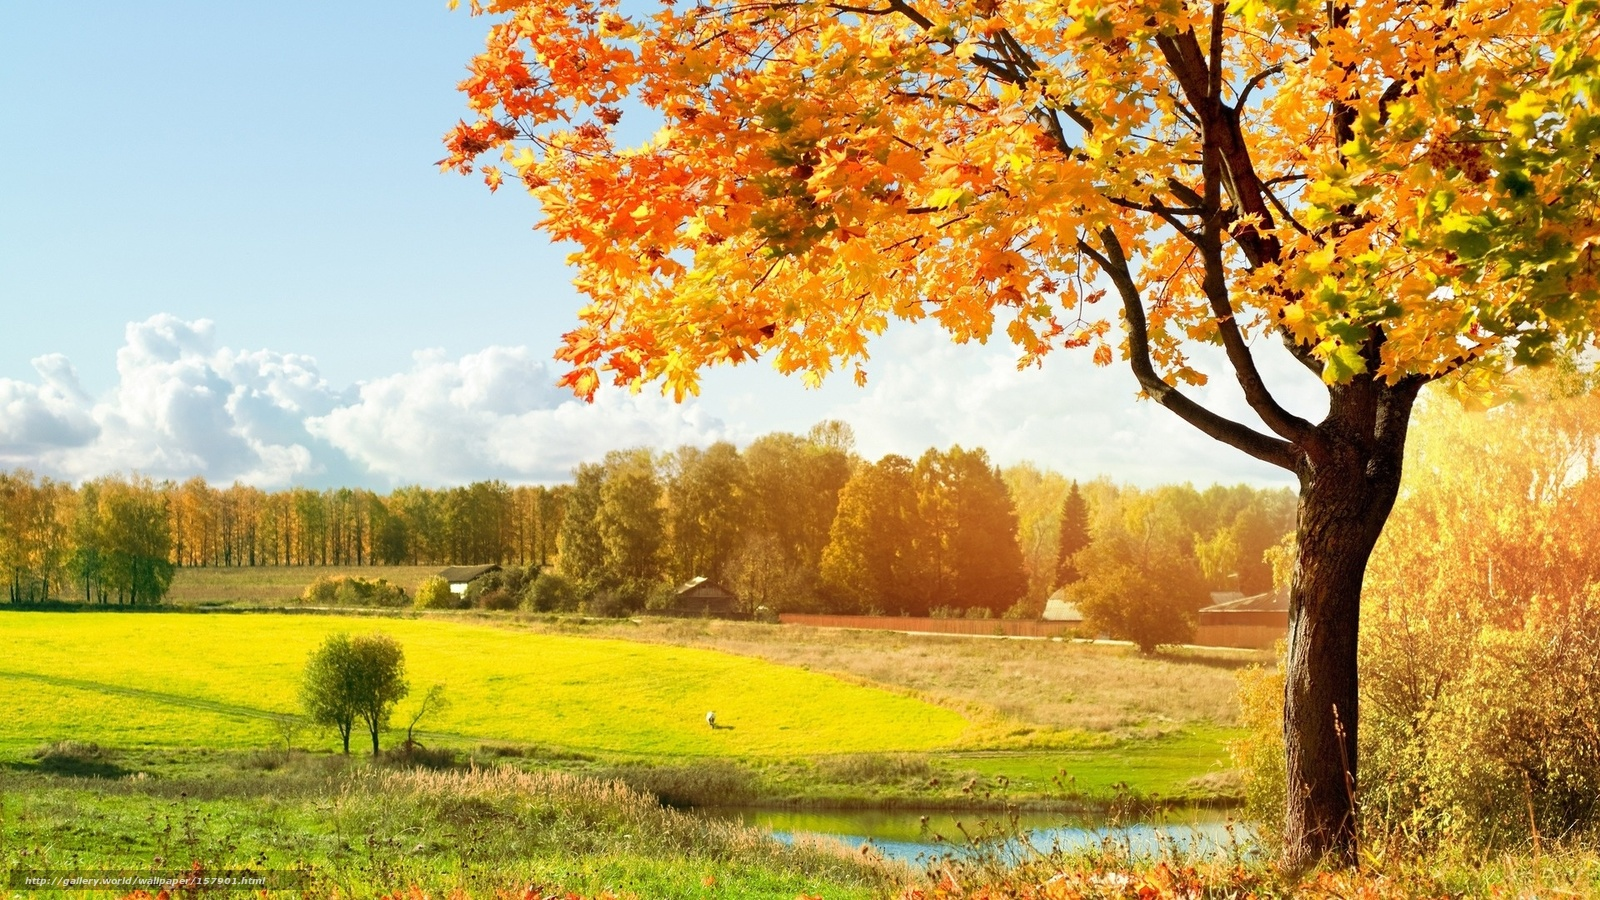 壁紙をダウンロード 秋 木 落葉 緑 デスクトップの解像度のための無料壁紙 1920x1080 絵 157901